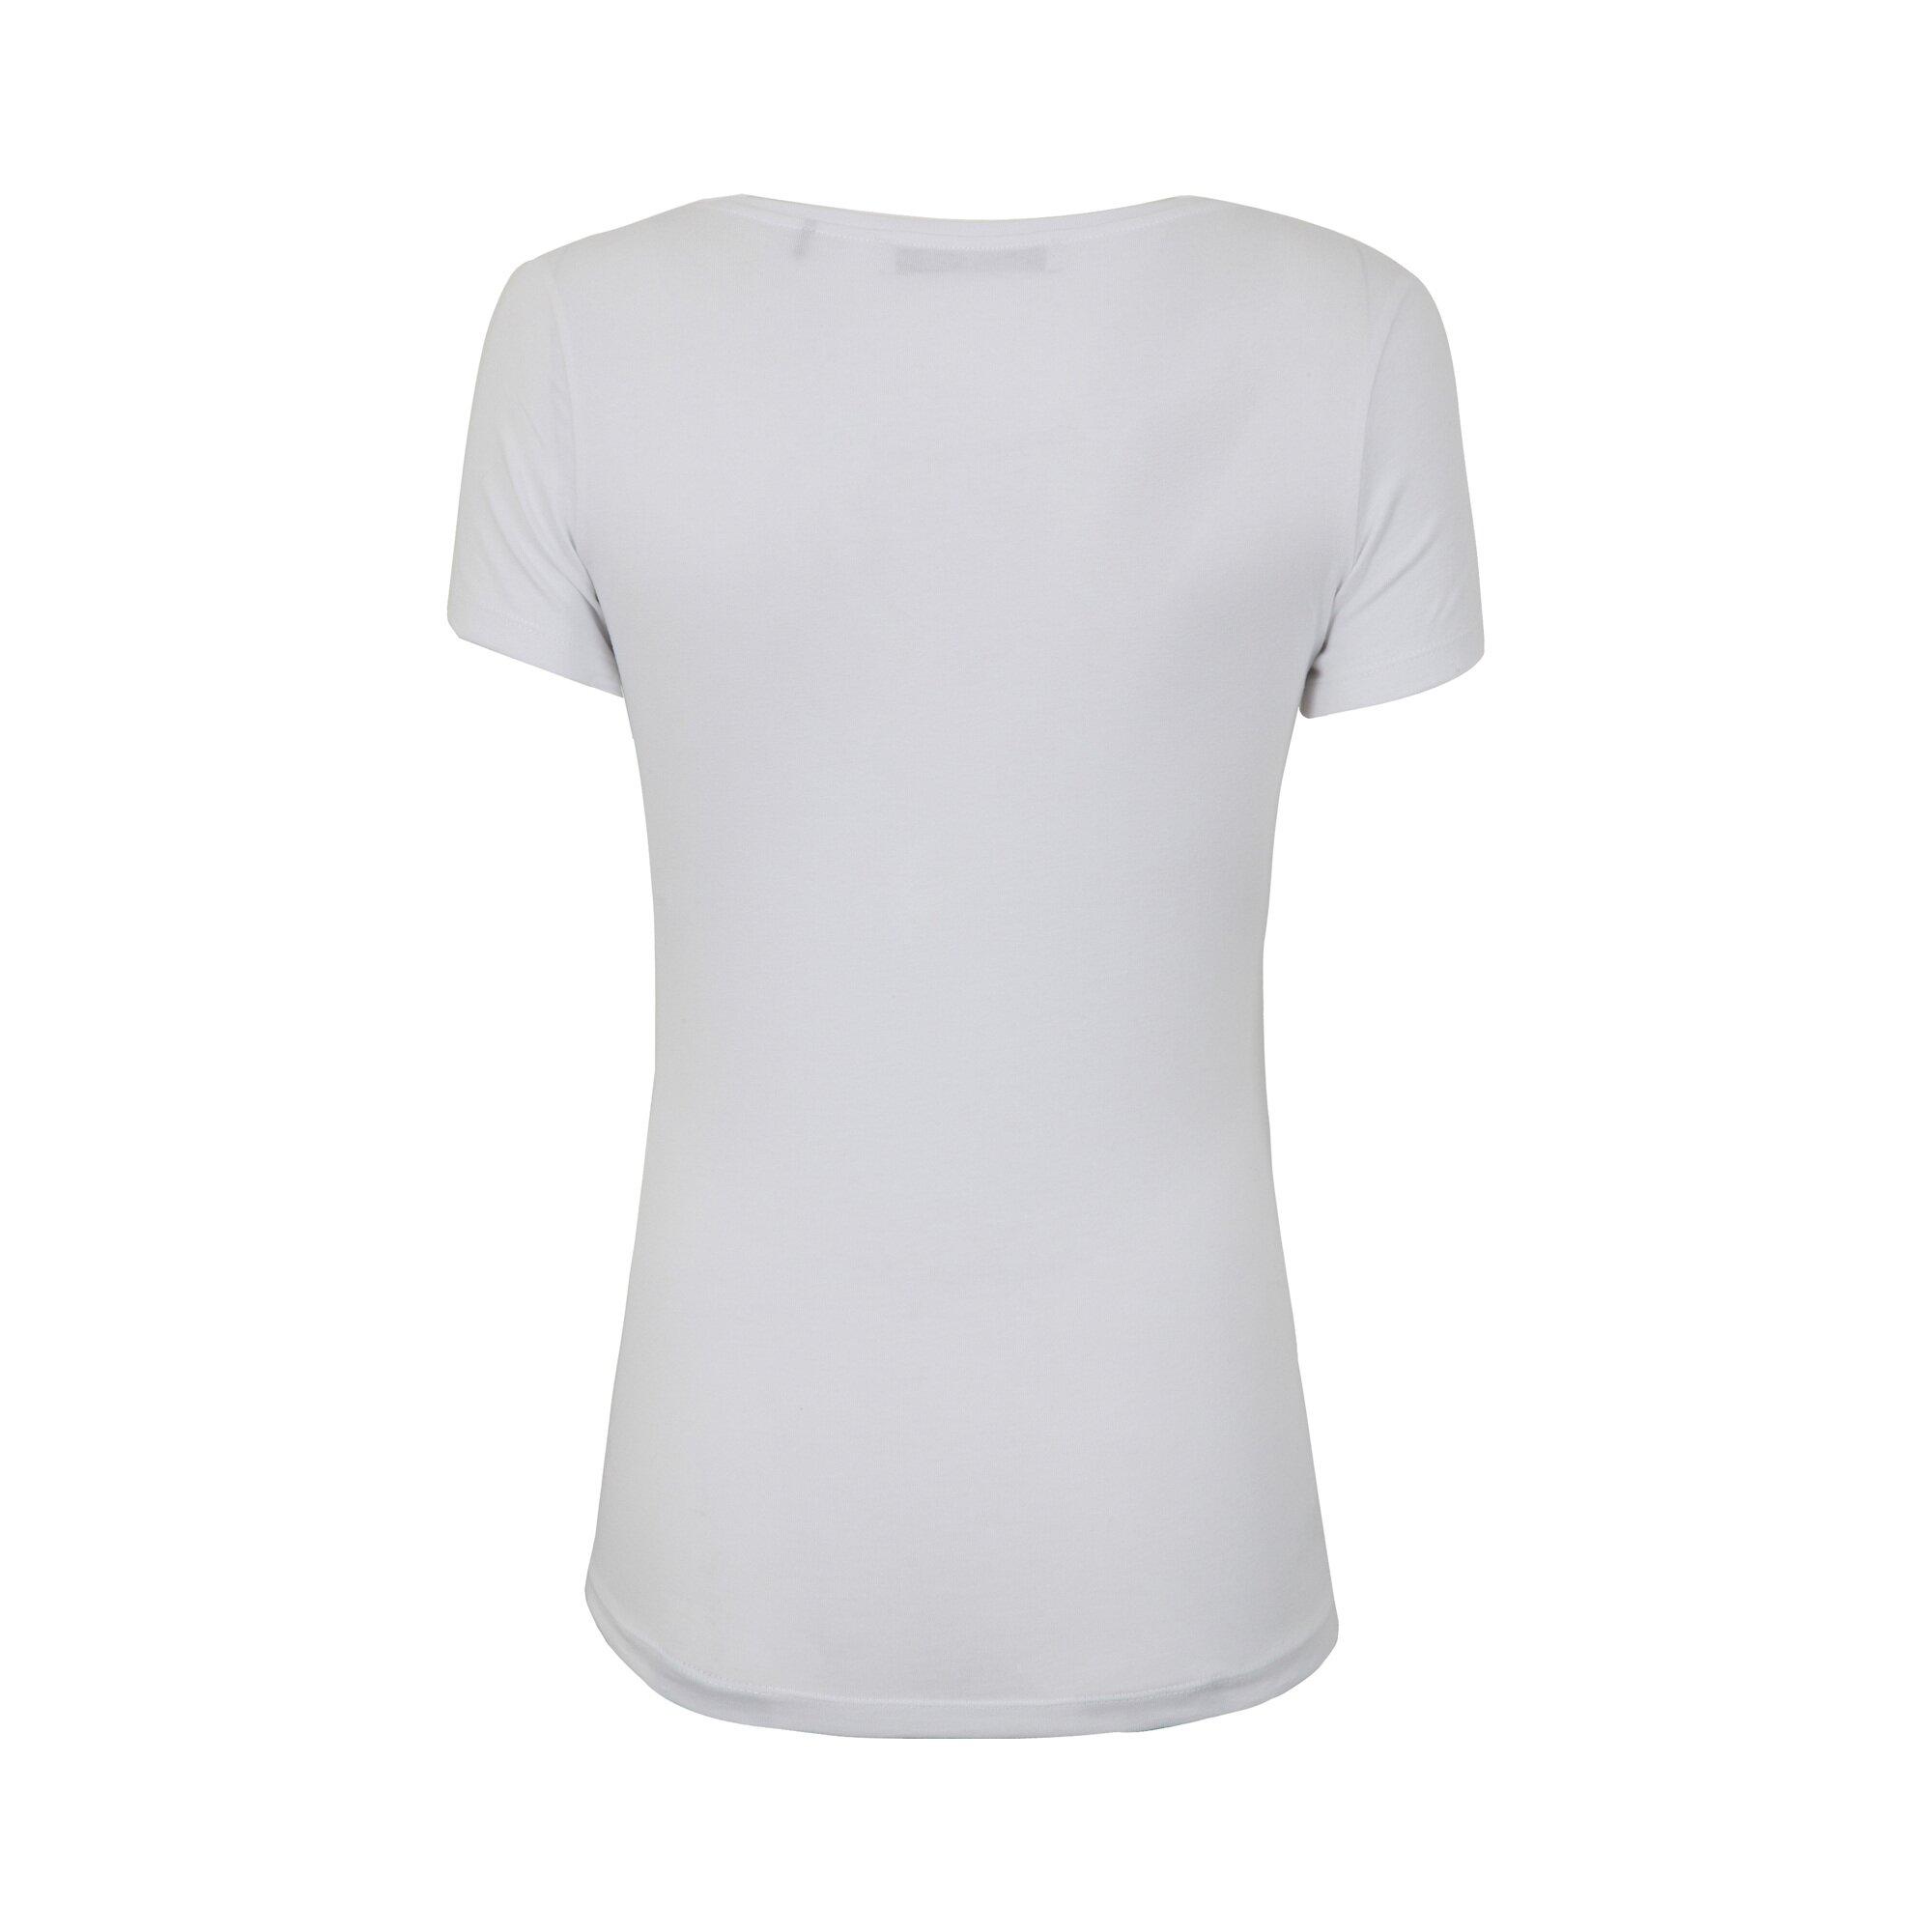 bellybutton-umstands-t-shirt